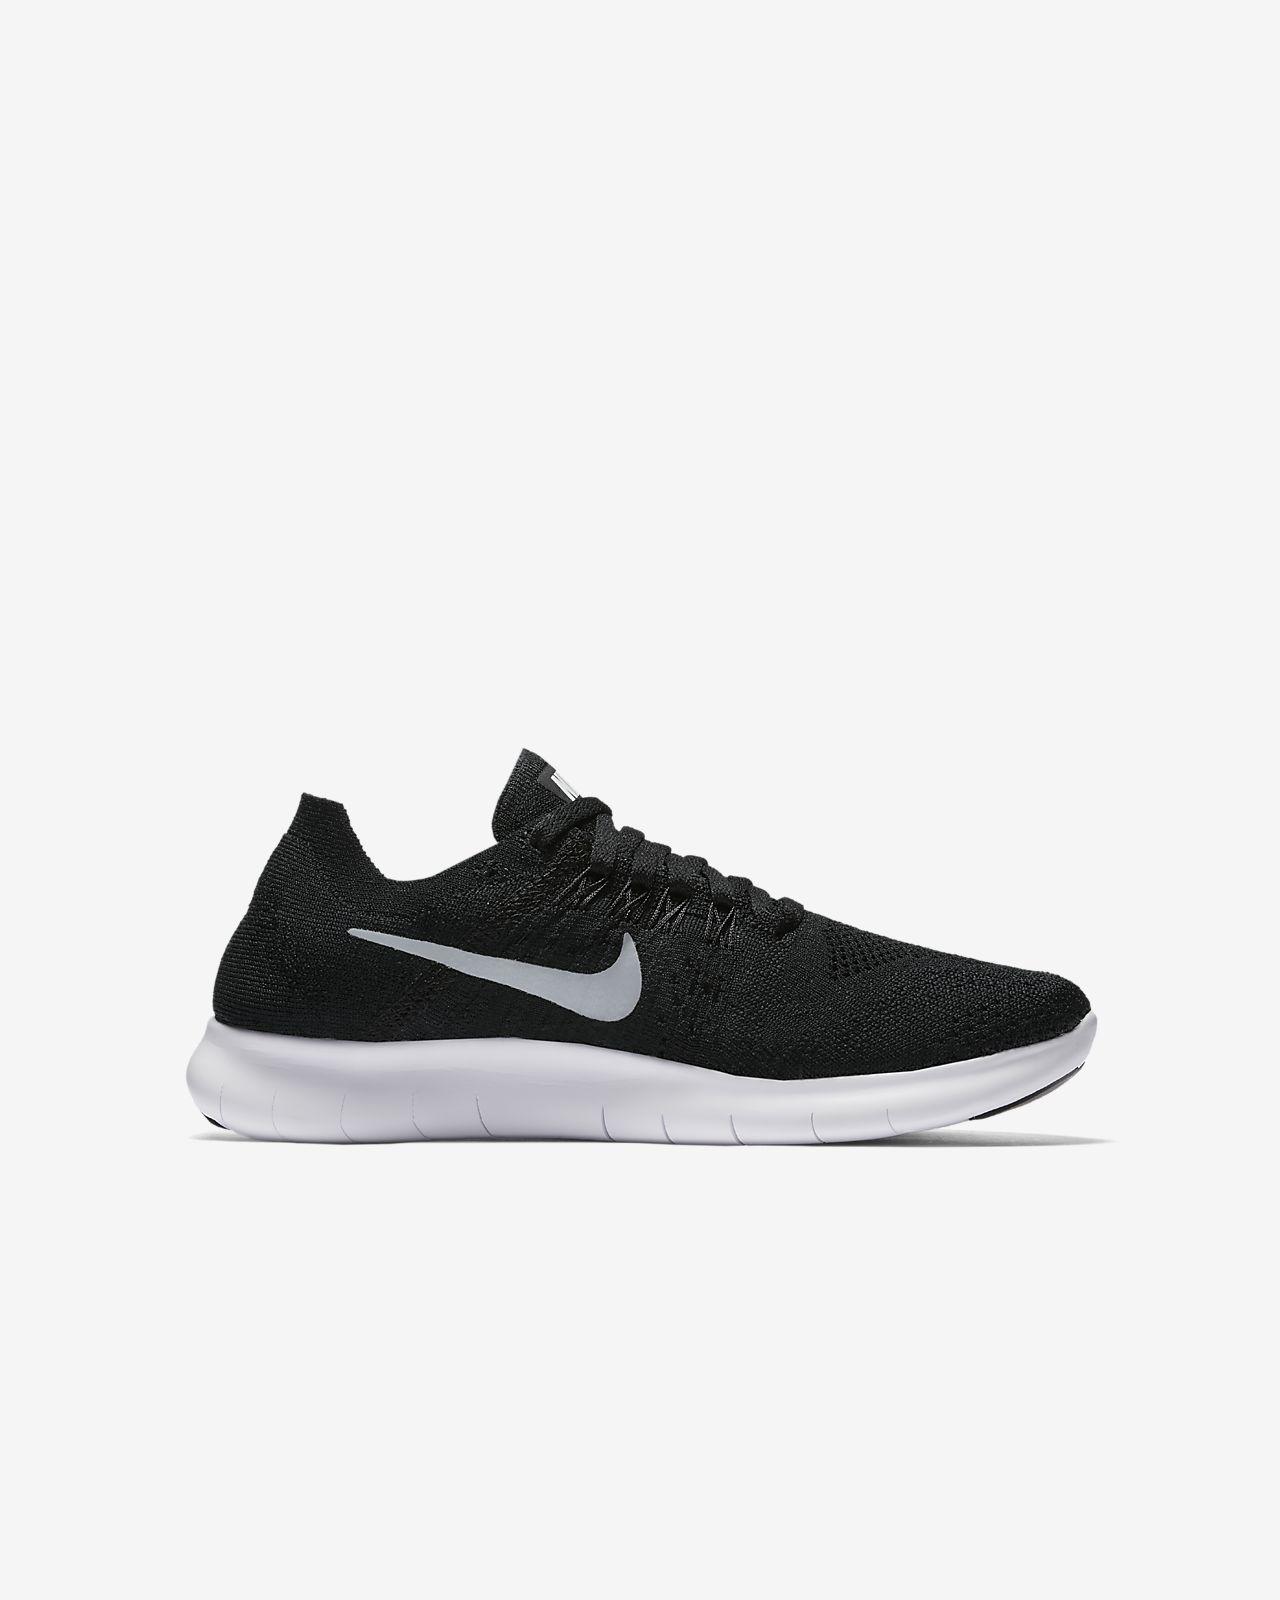 Garçons Nike Runner Flyknit Gratuit